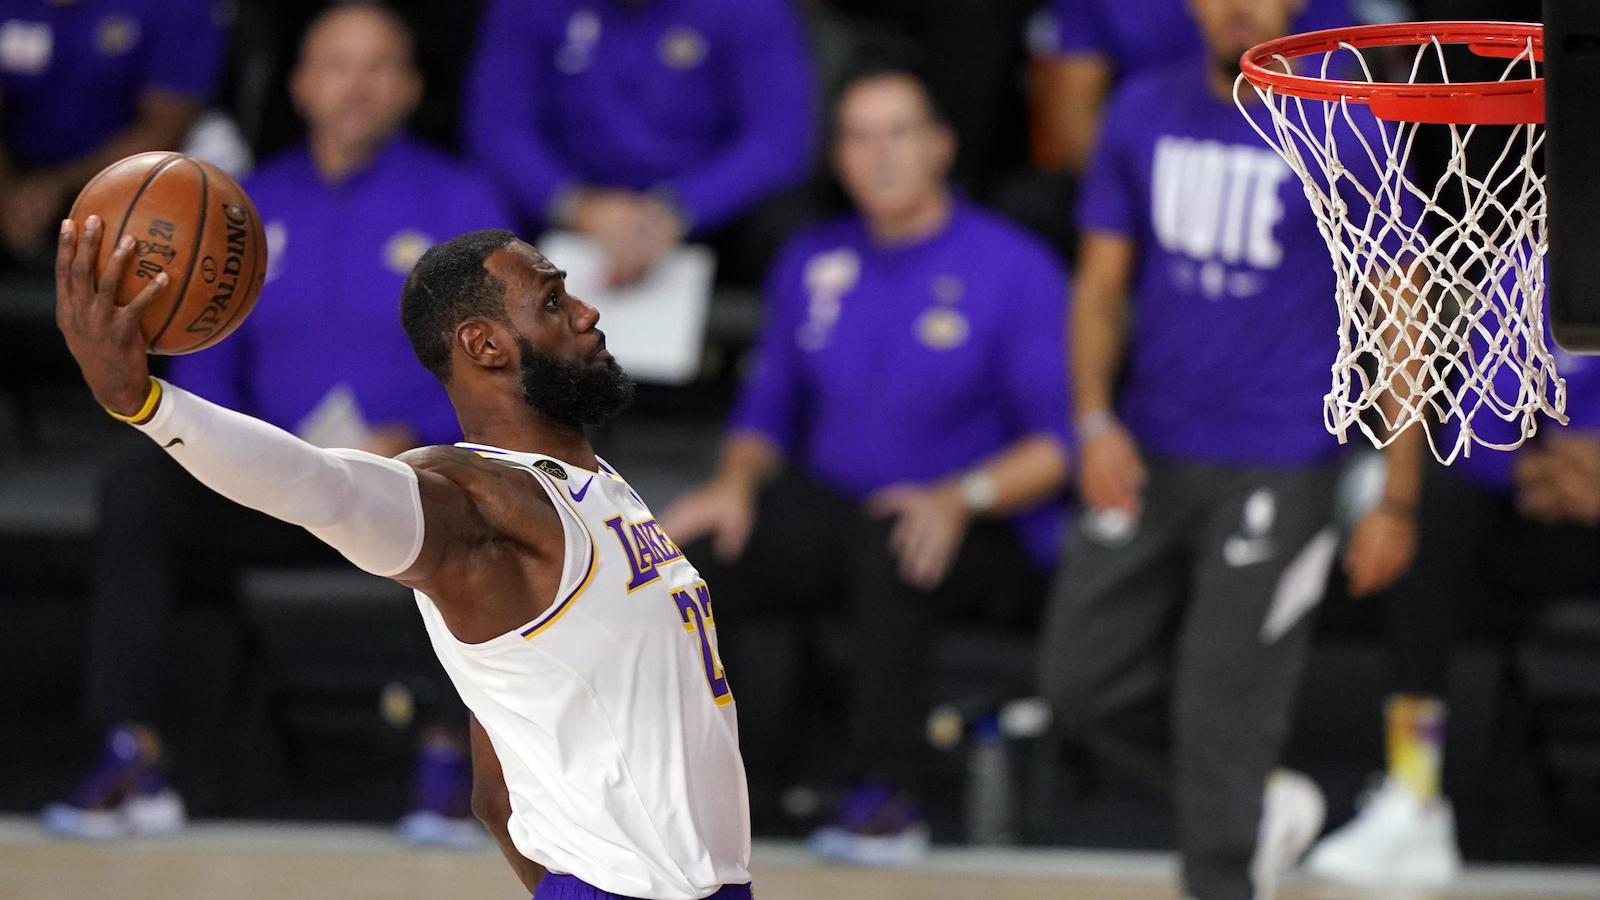 本赛季NBA数字媒体视频浏览量增长17%,突破200亿次